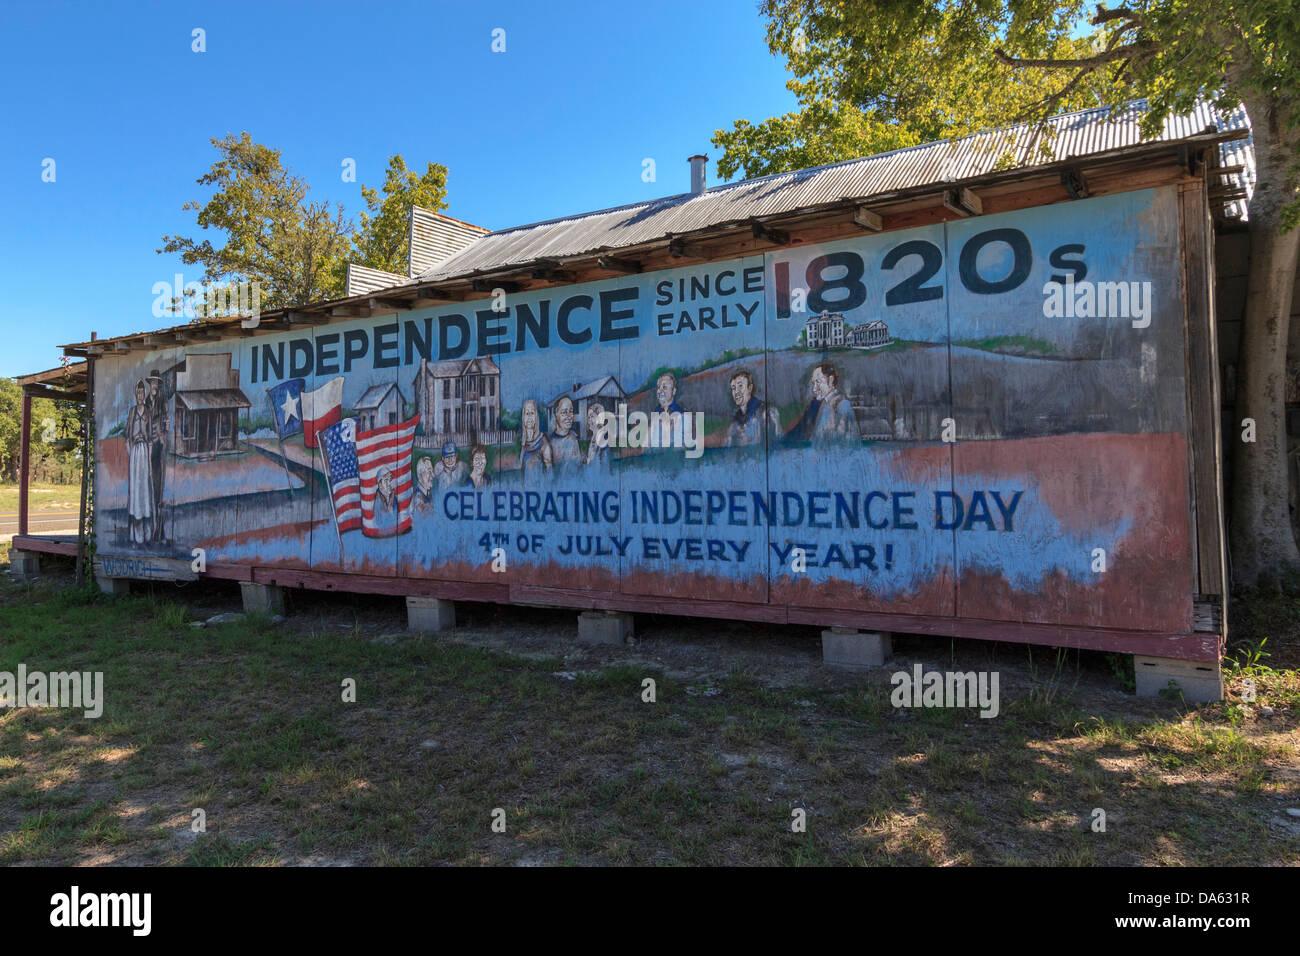 Art studio brenham independence mural oldest for Commercial mural